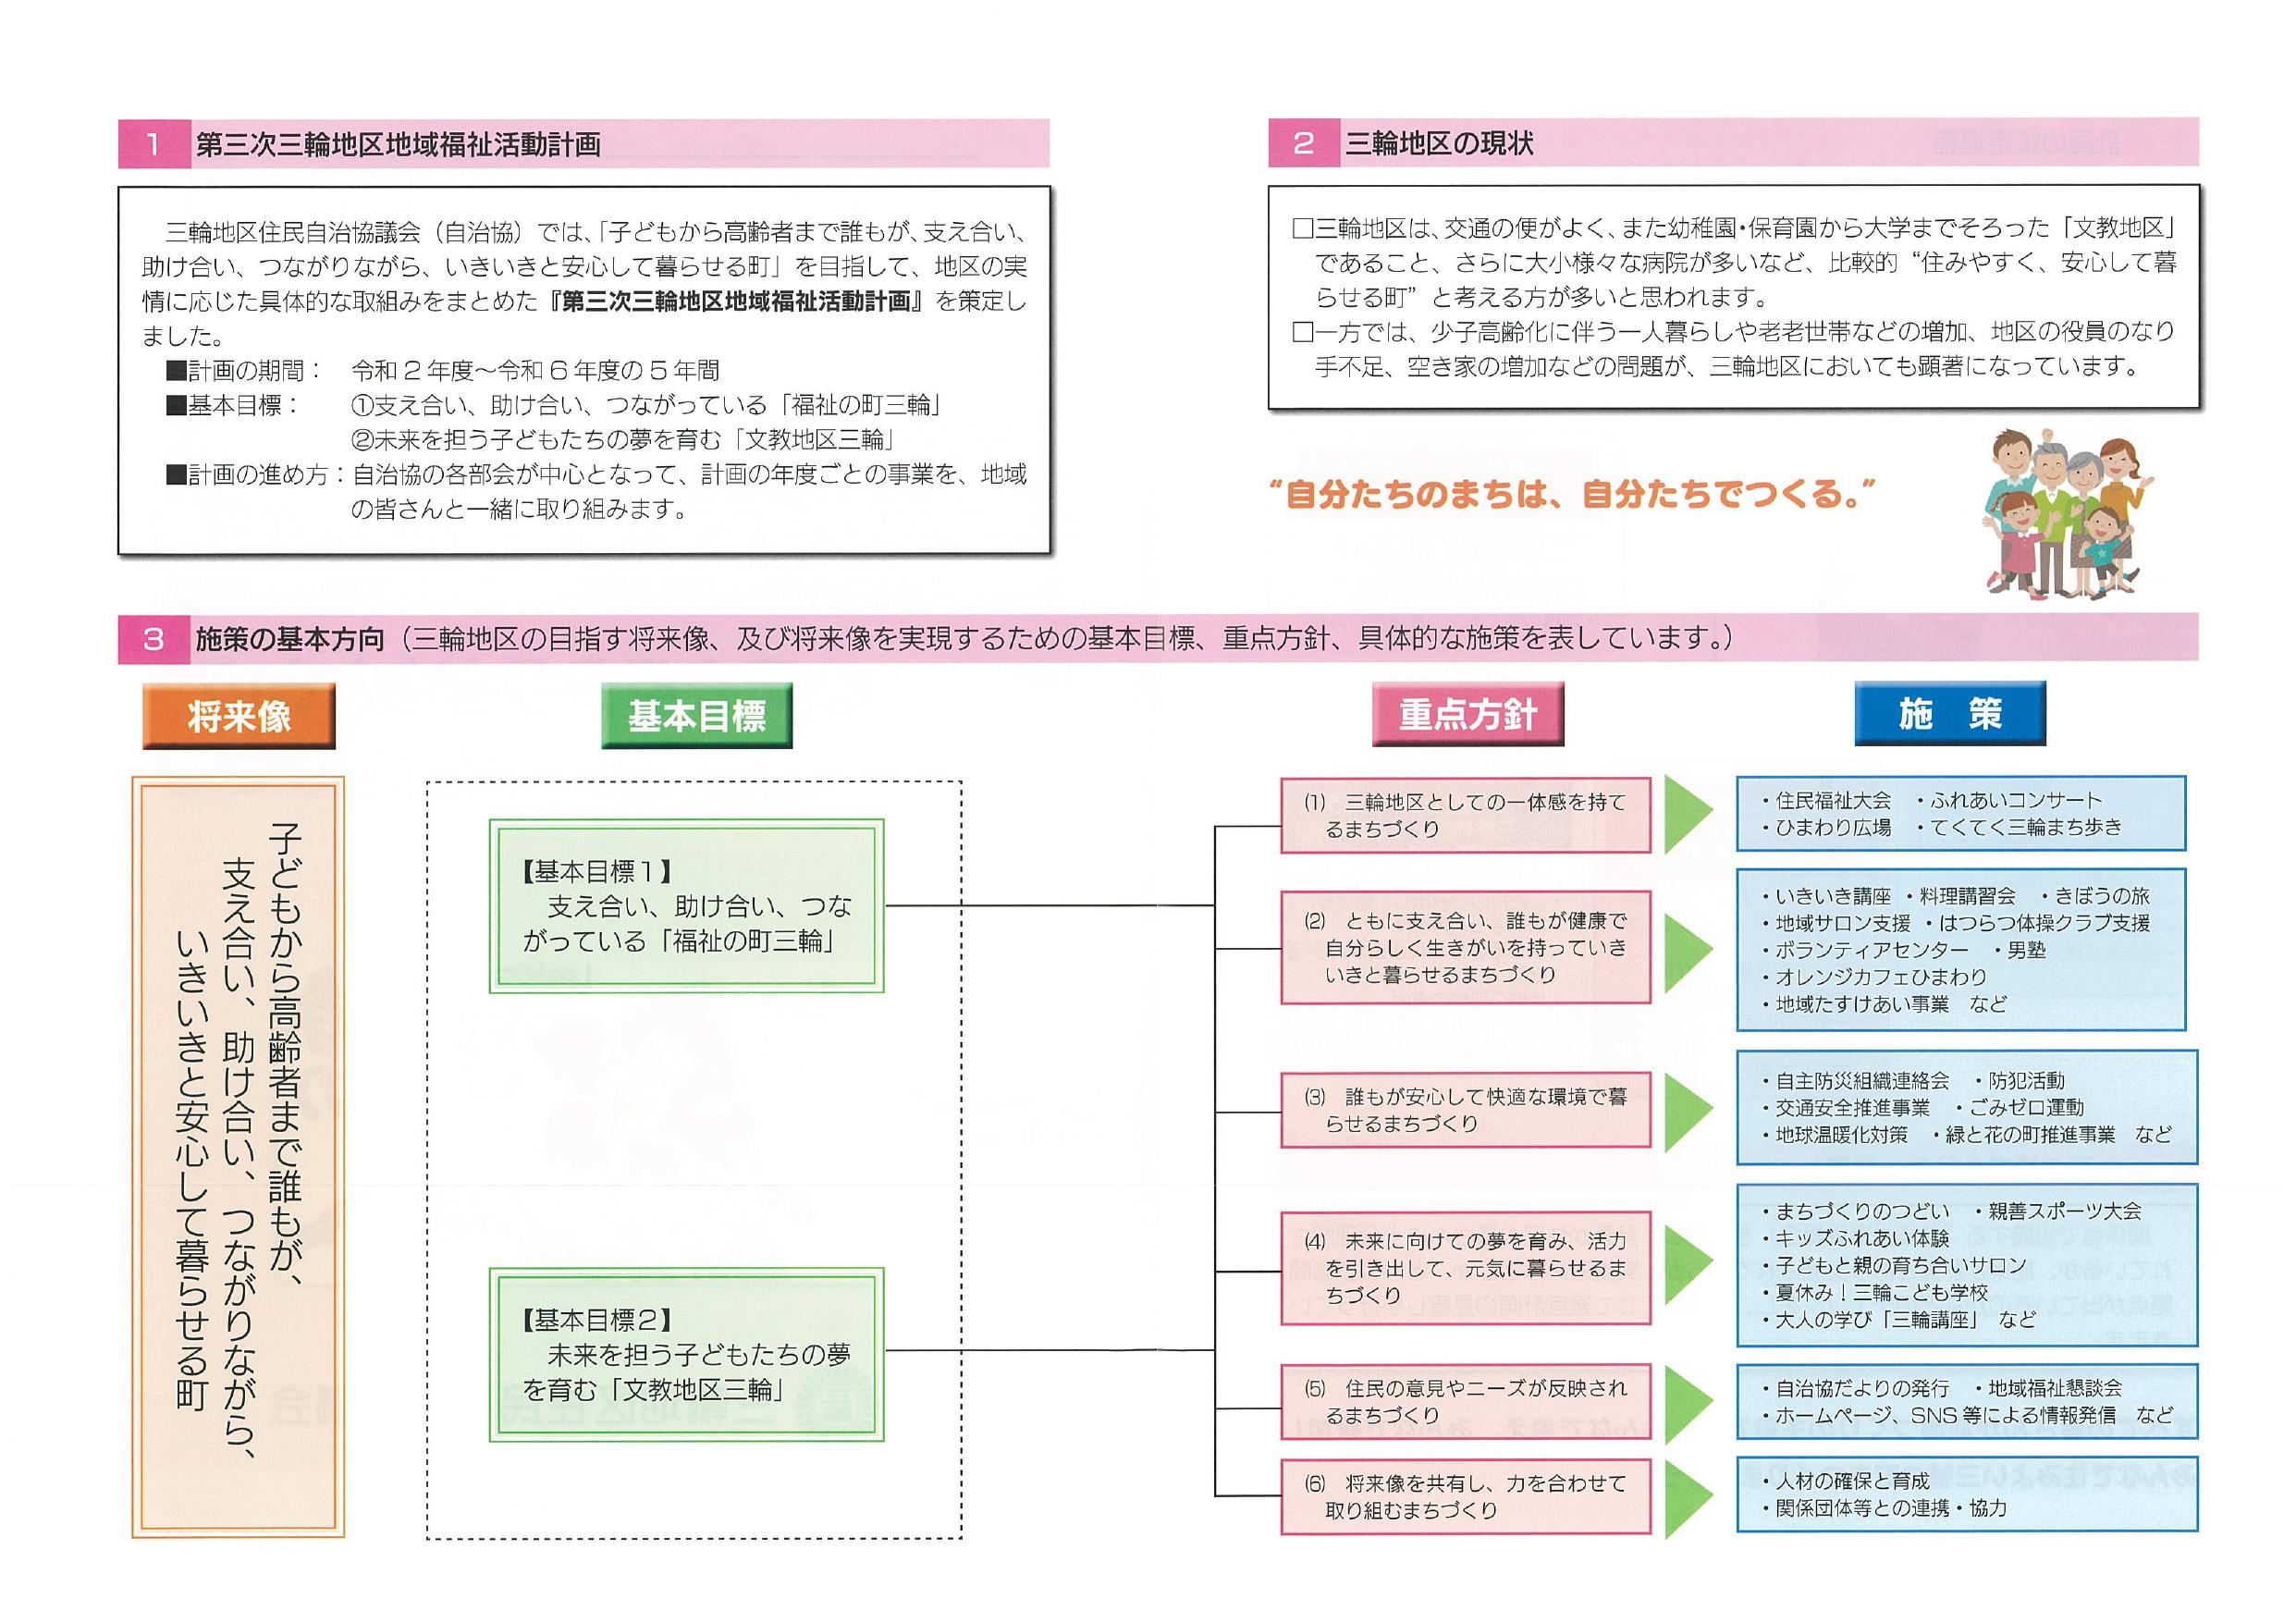 地域福祉活動計画の概要図